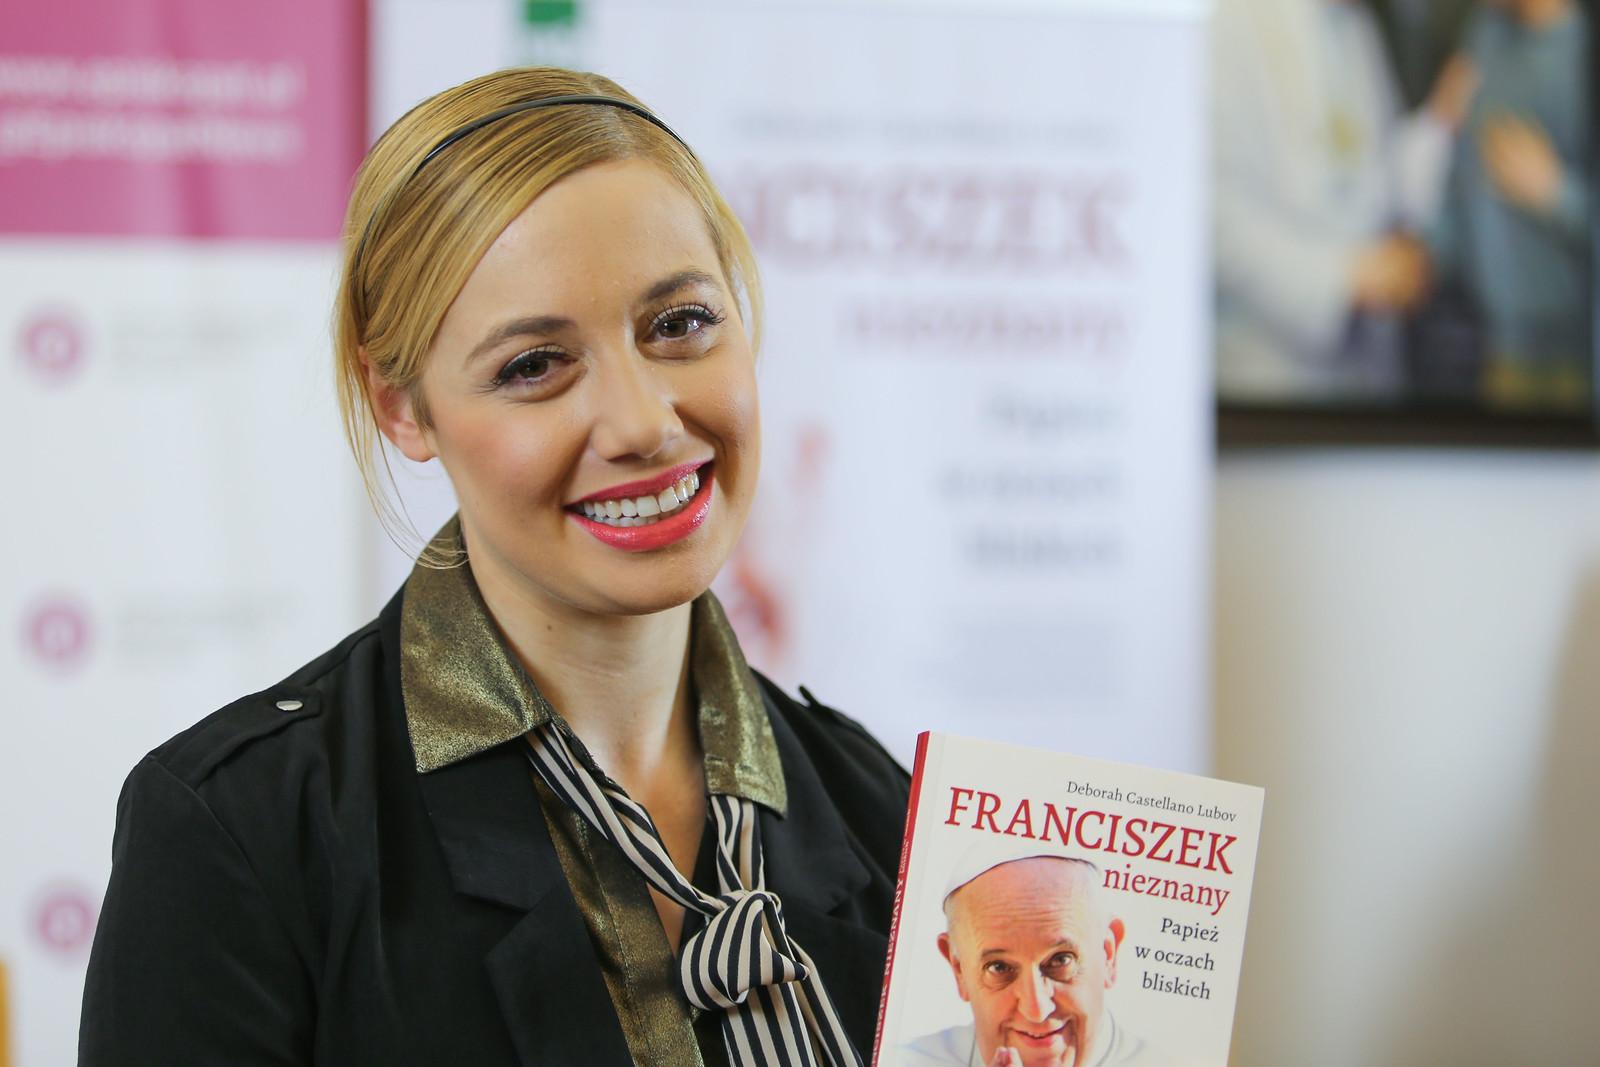 Prezentacja książki - Deborah Lubov - Franciszek nieznany - 13 XII 2019 r.